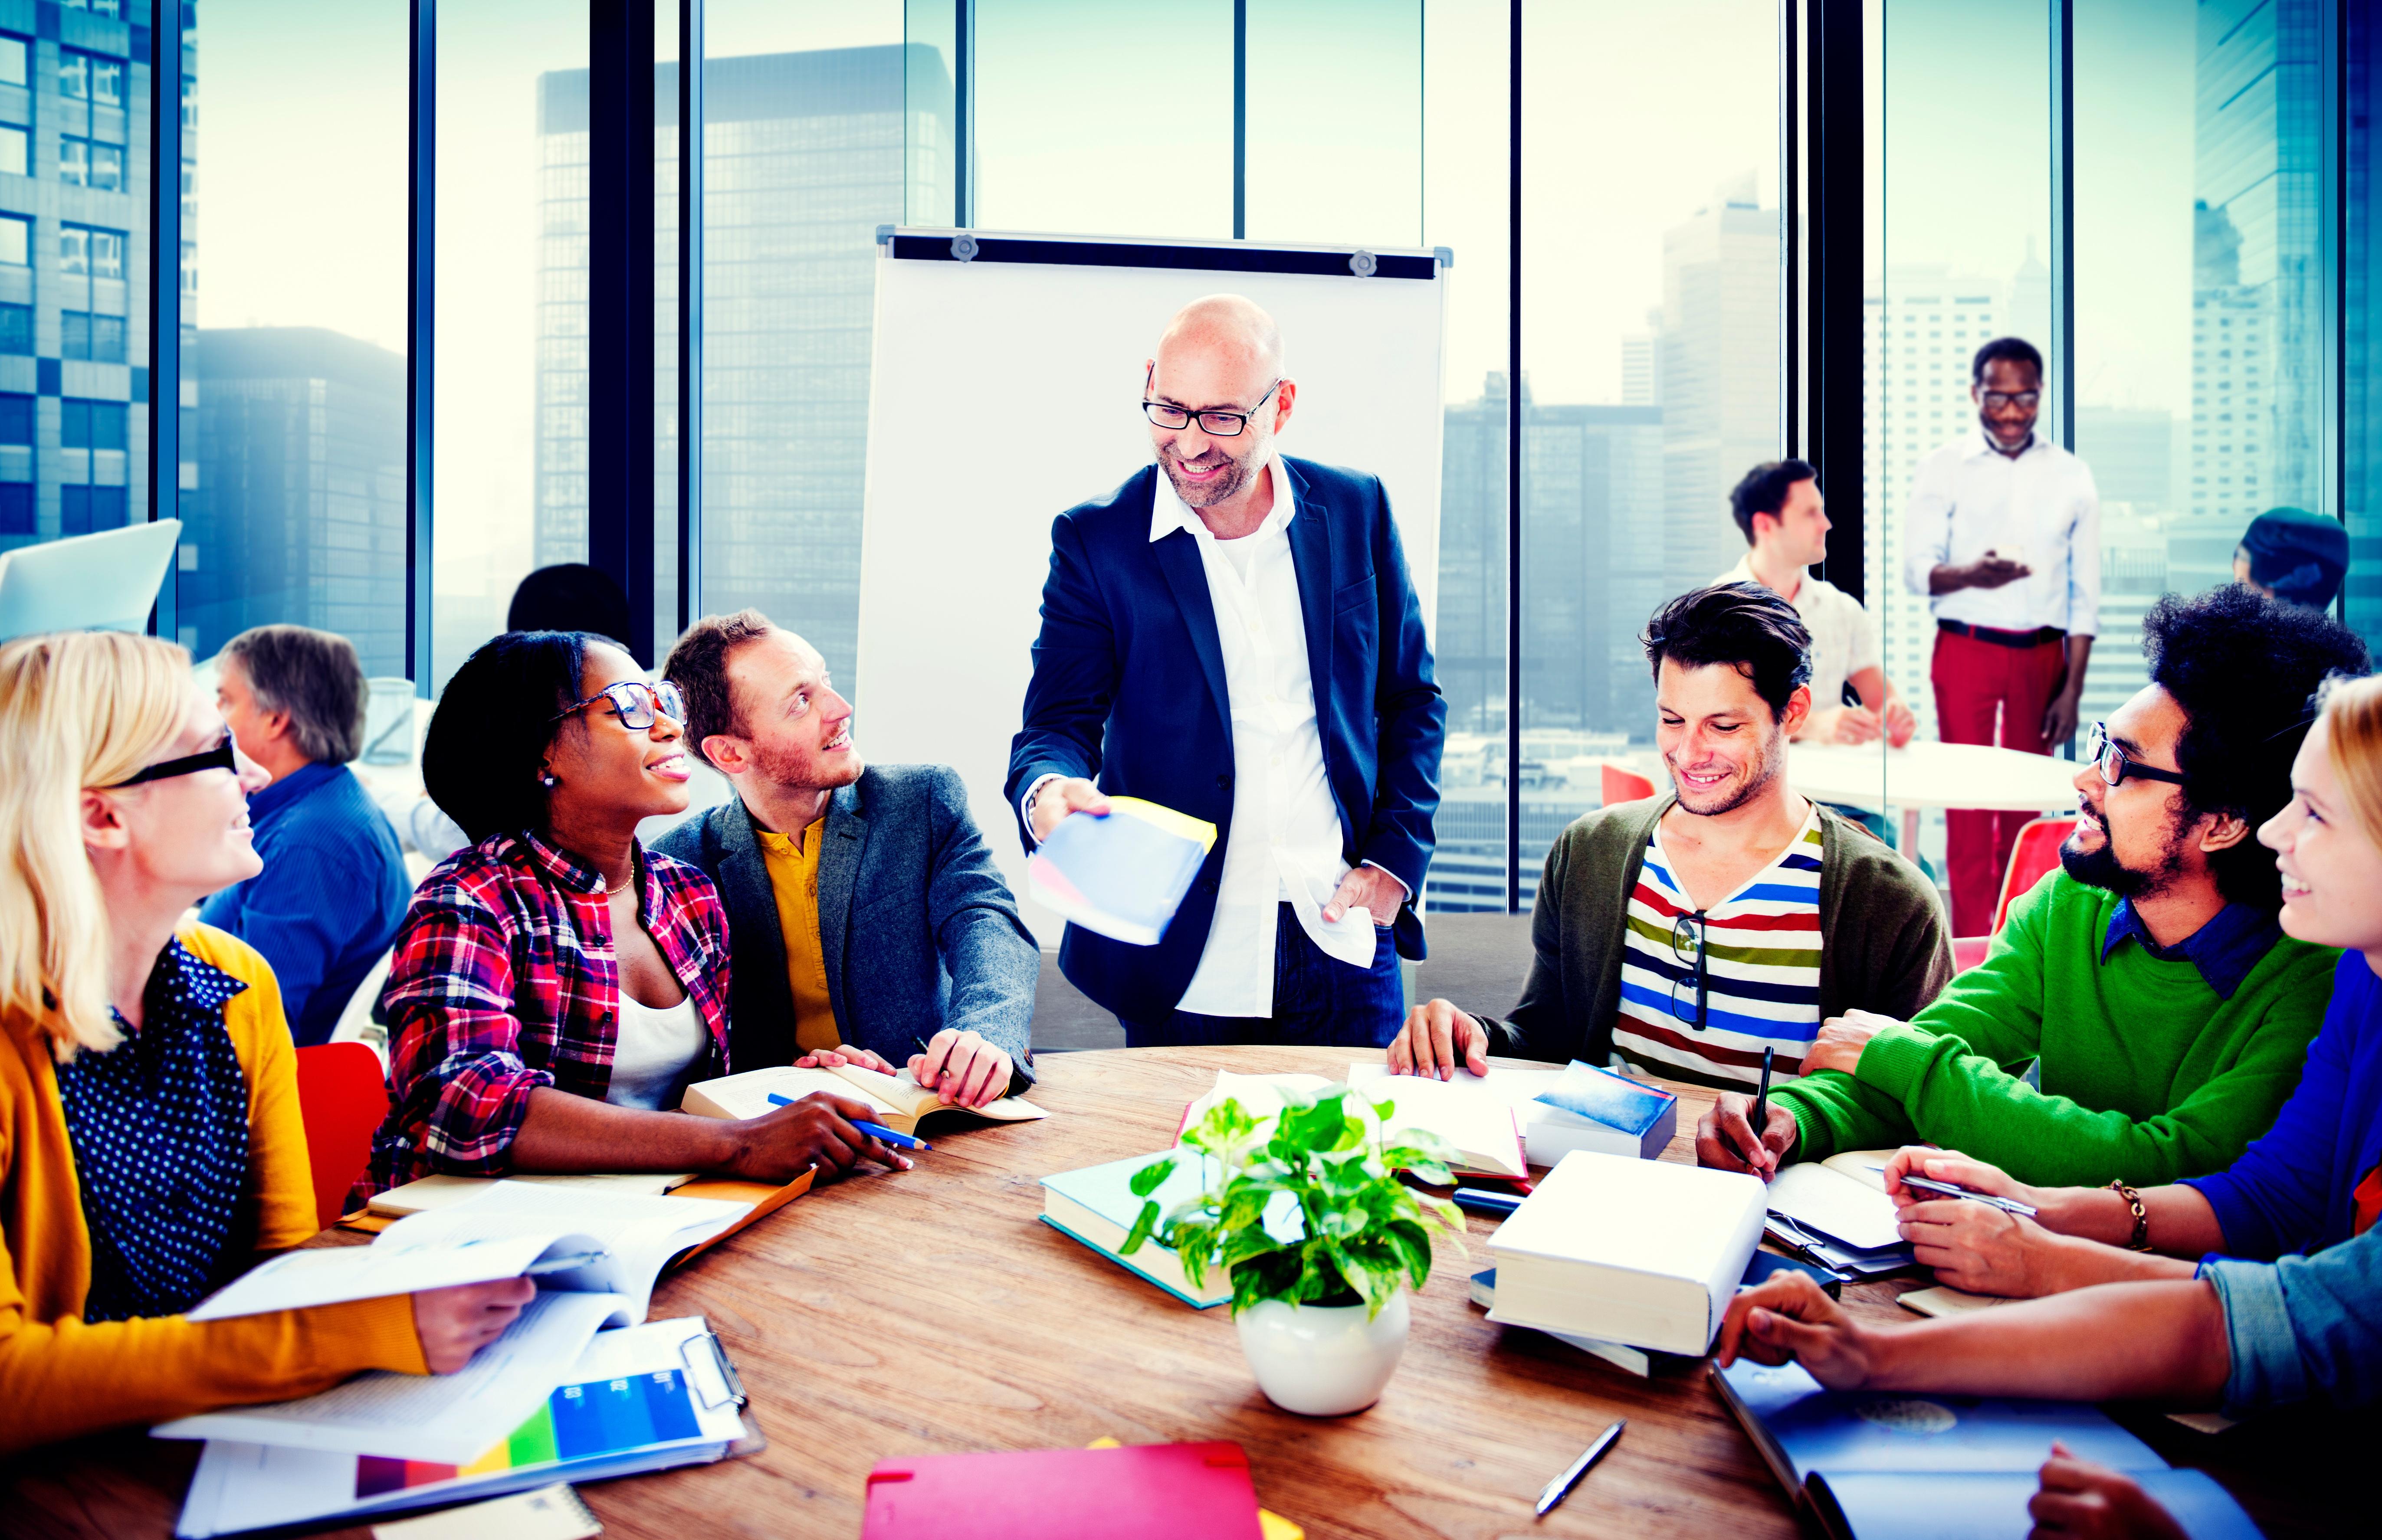 Developing leadership practice